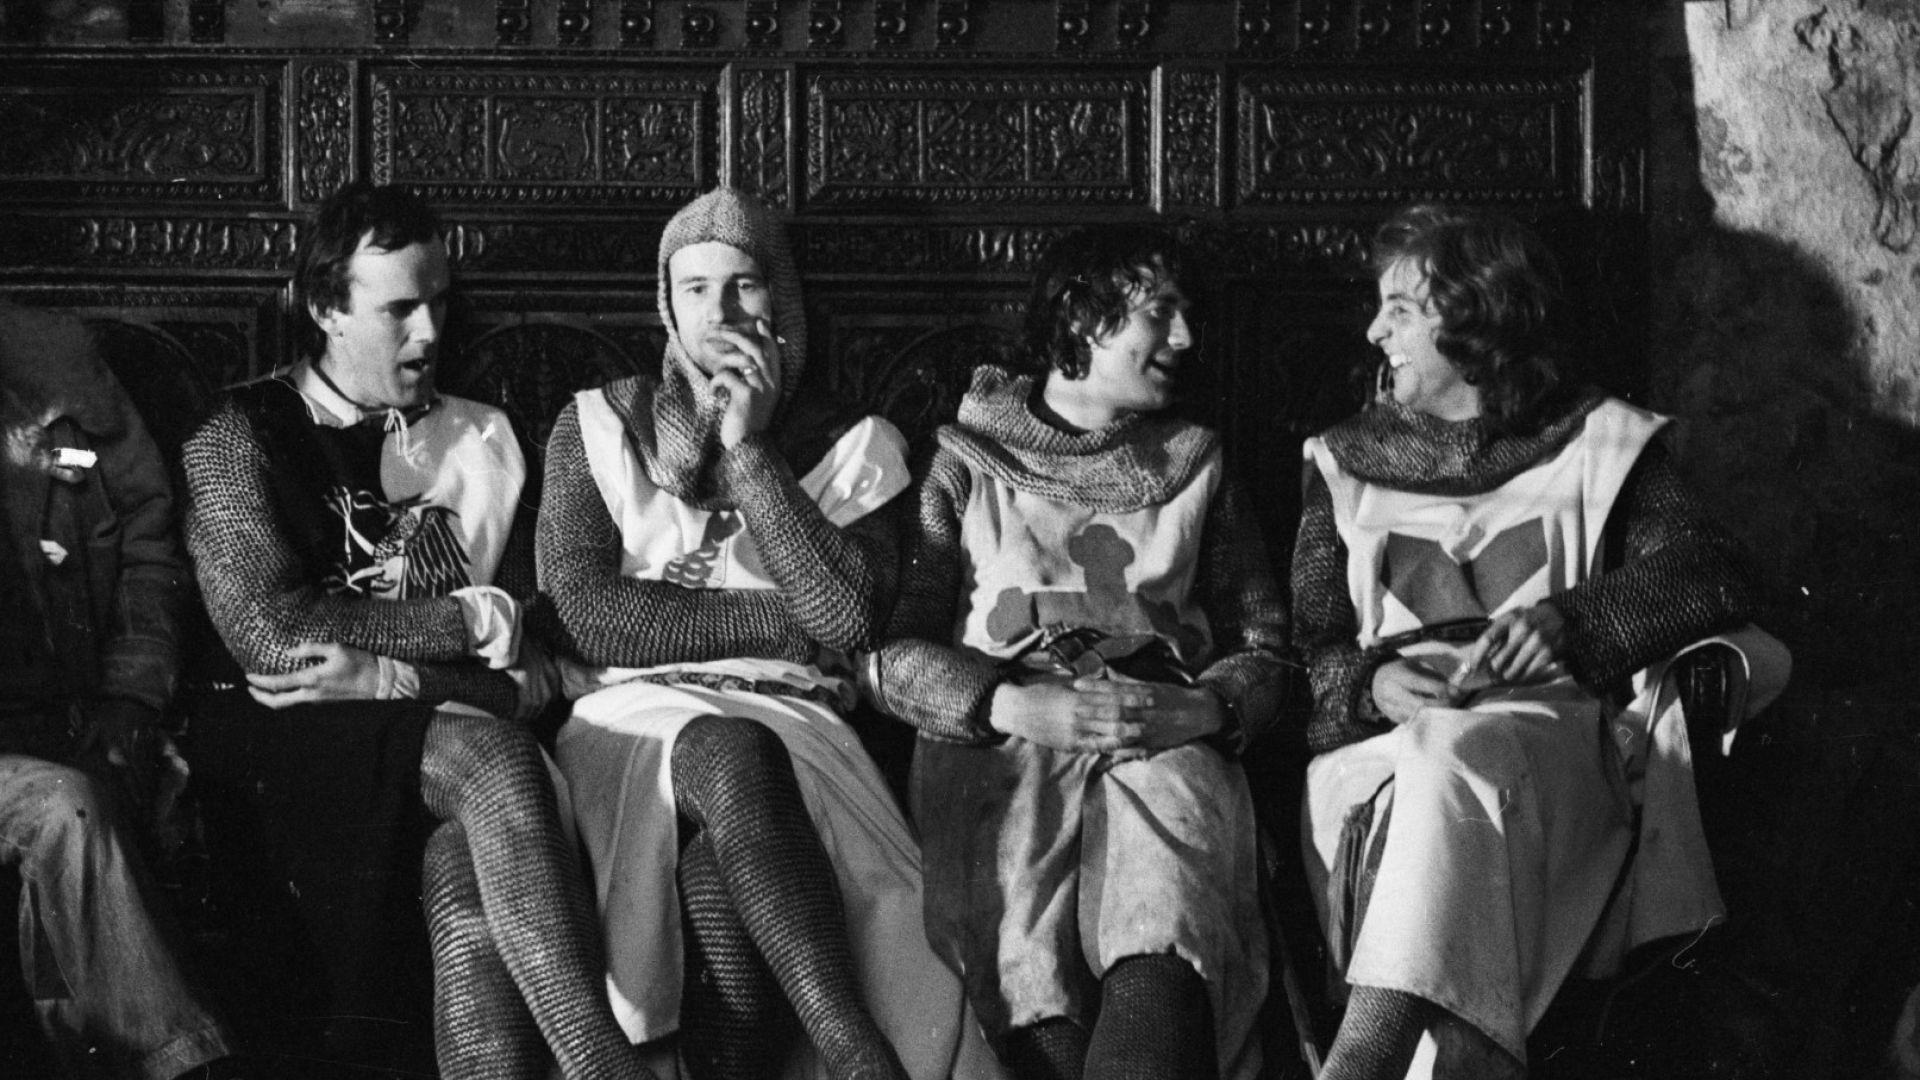 """Ерик Айдъл, Джон Клийз, Майкъл Палин и Нийл Инес по време на снимките """"Монти Пайтън и Свещеният Граал"""""""